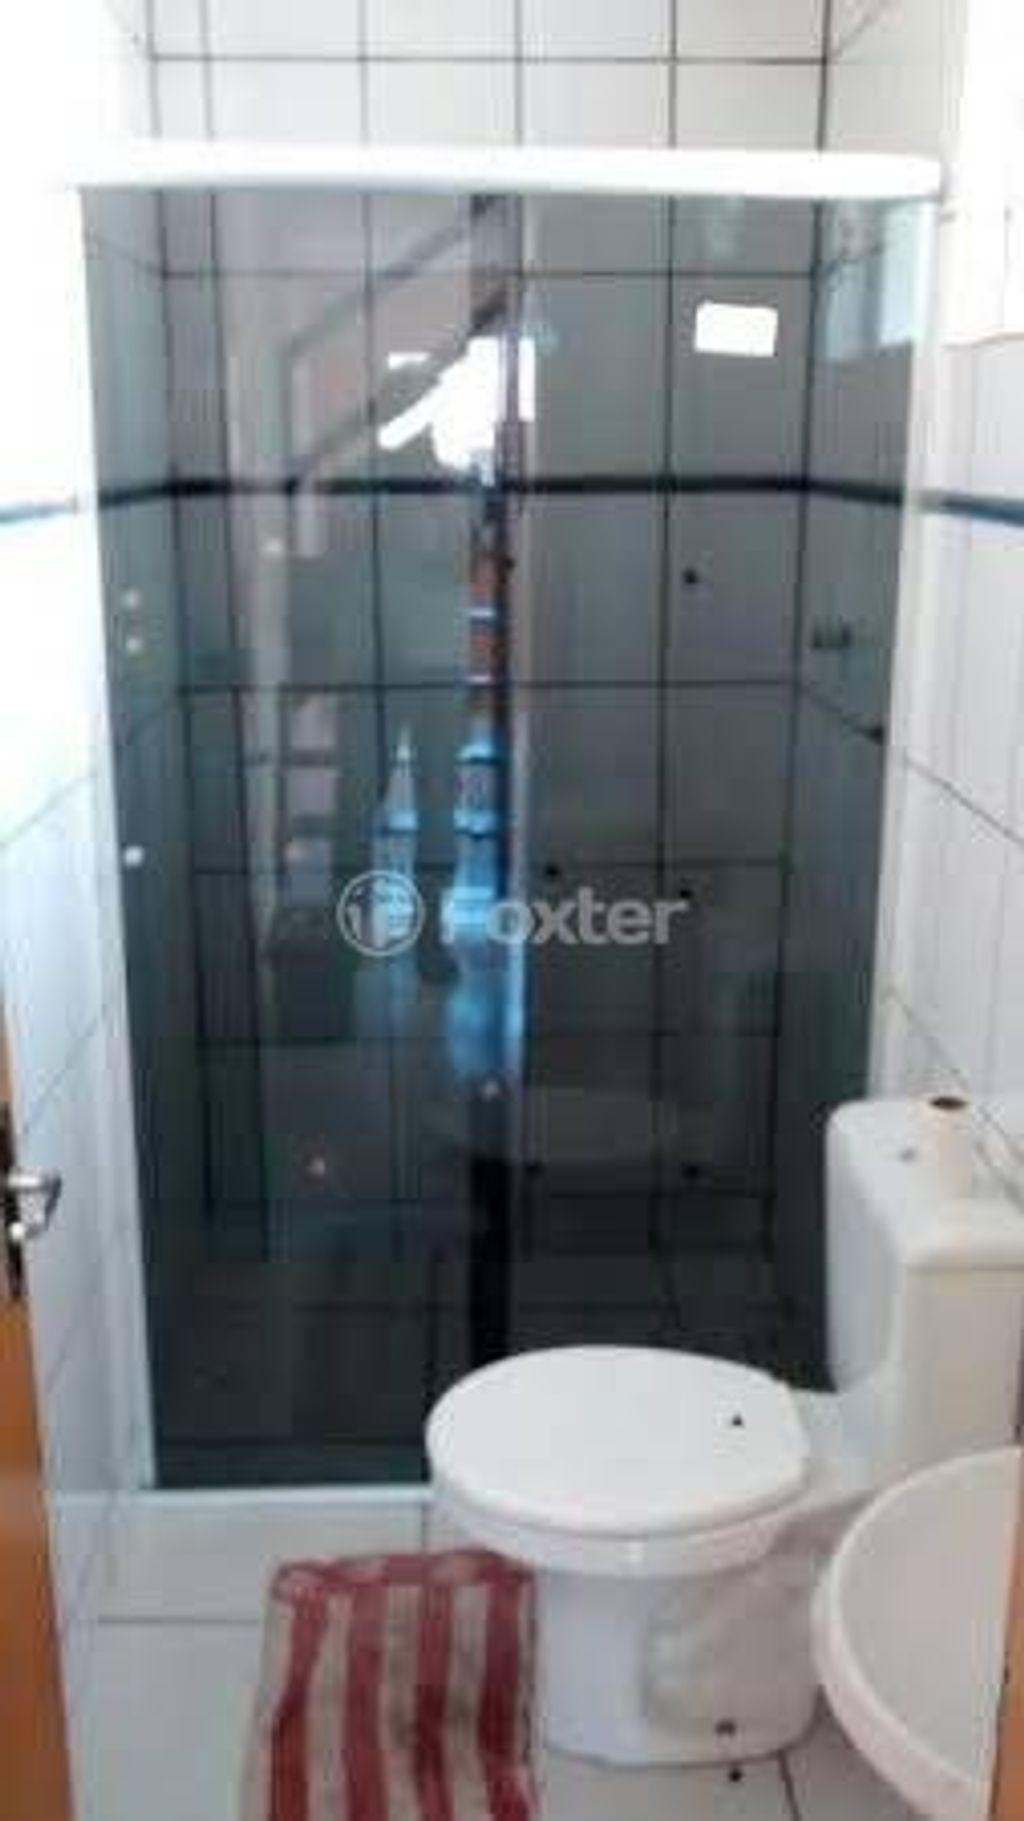 Foxter Imobiliária - Casa 3 Dorm, Caxias do Sul - Foto 5